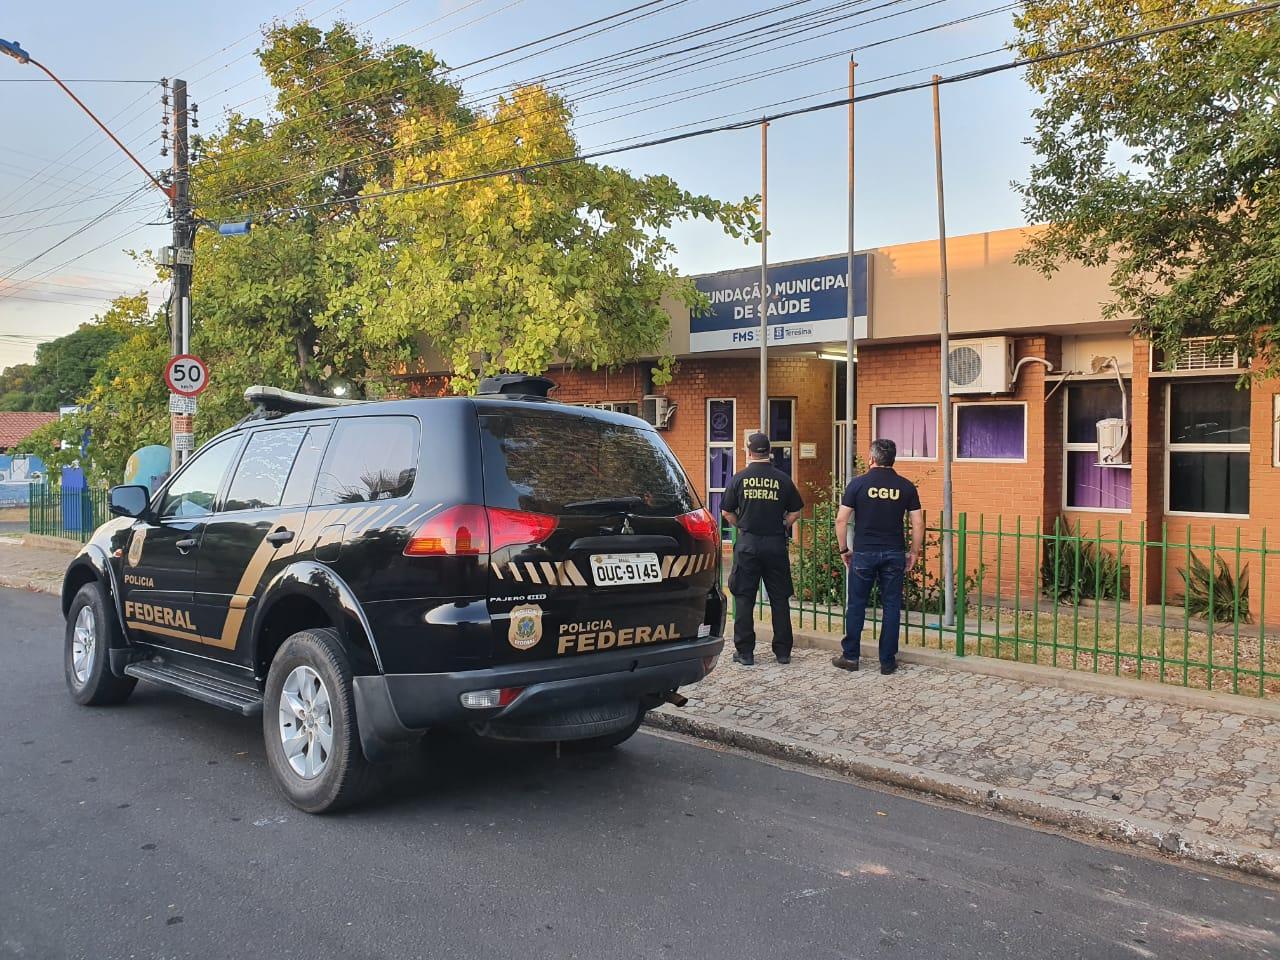 Polícia Federal realiza operação na Fundação Municipal de Saúde